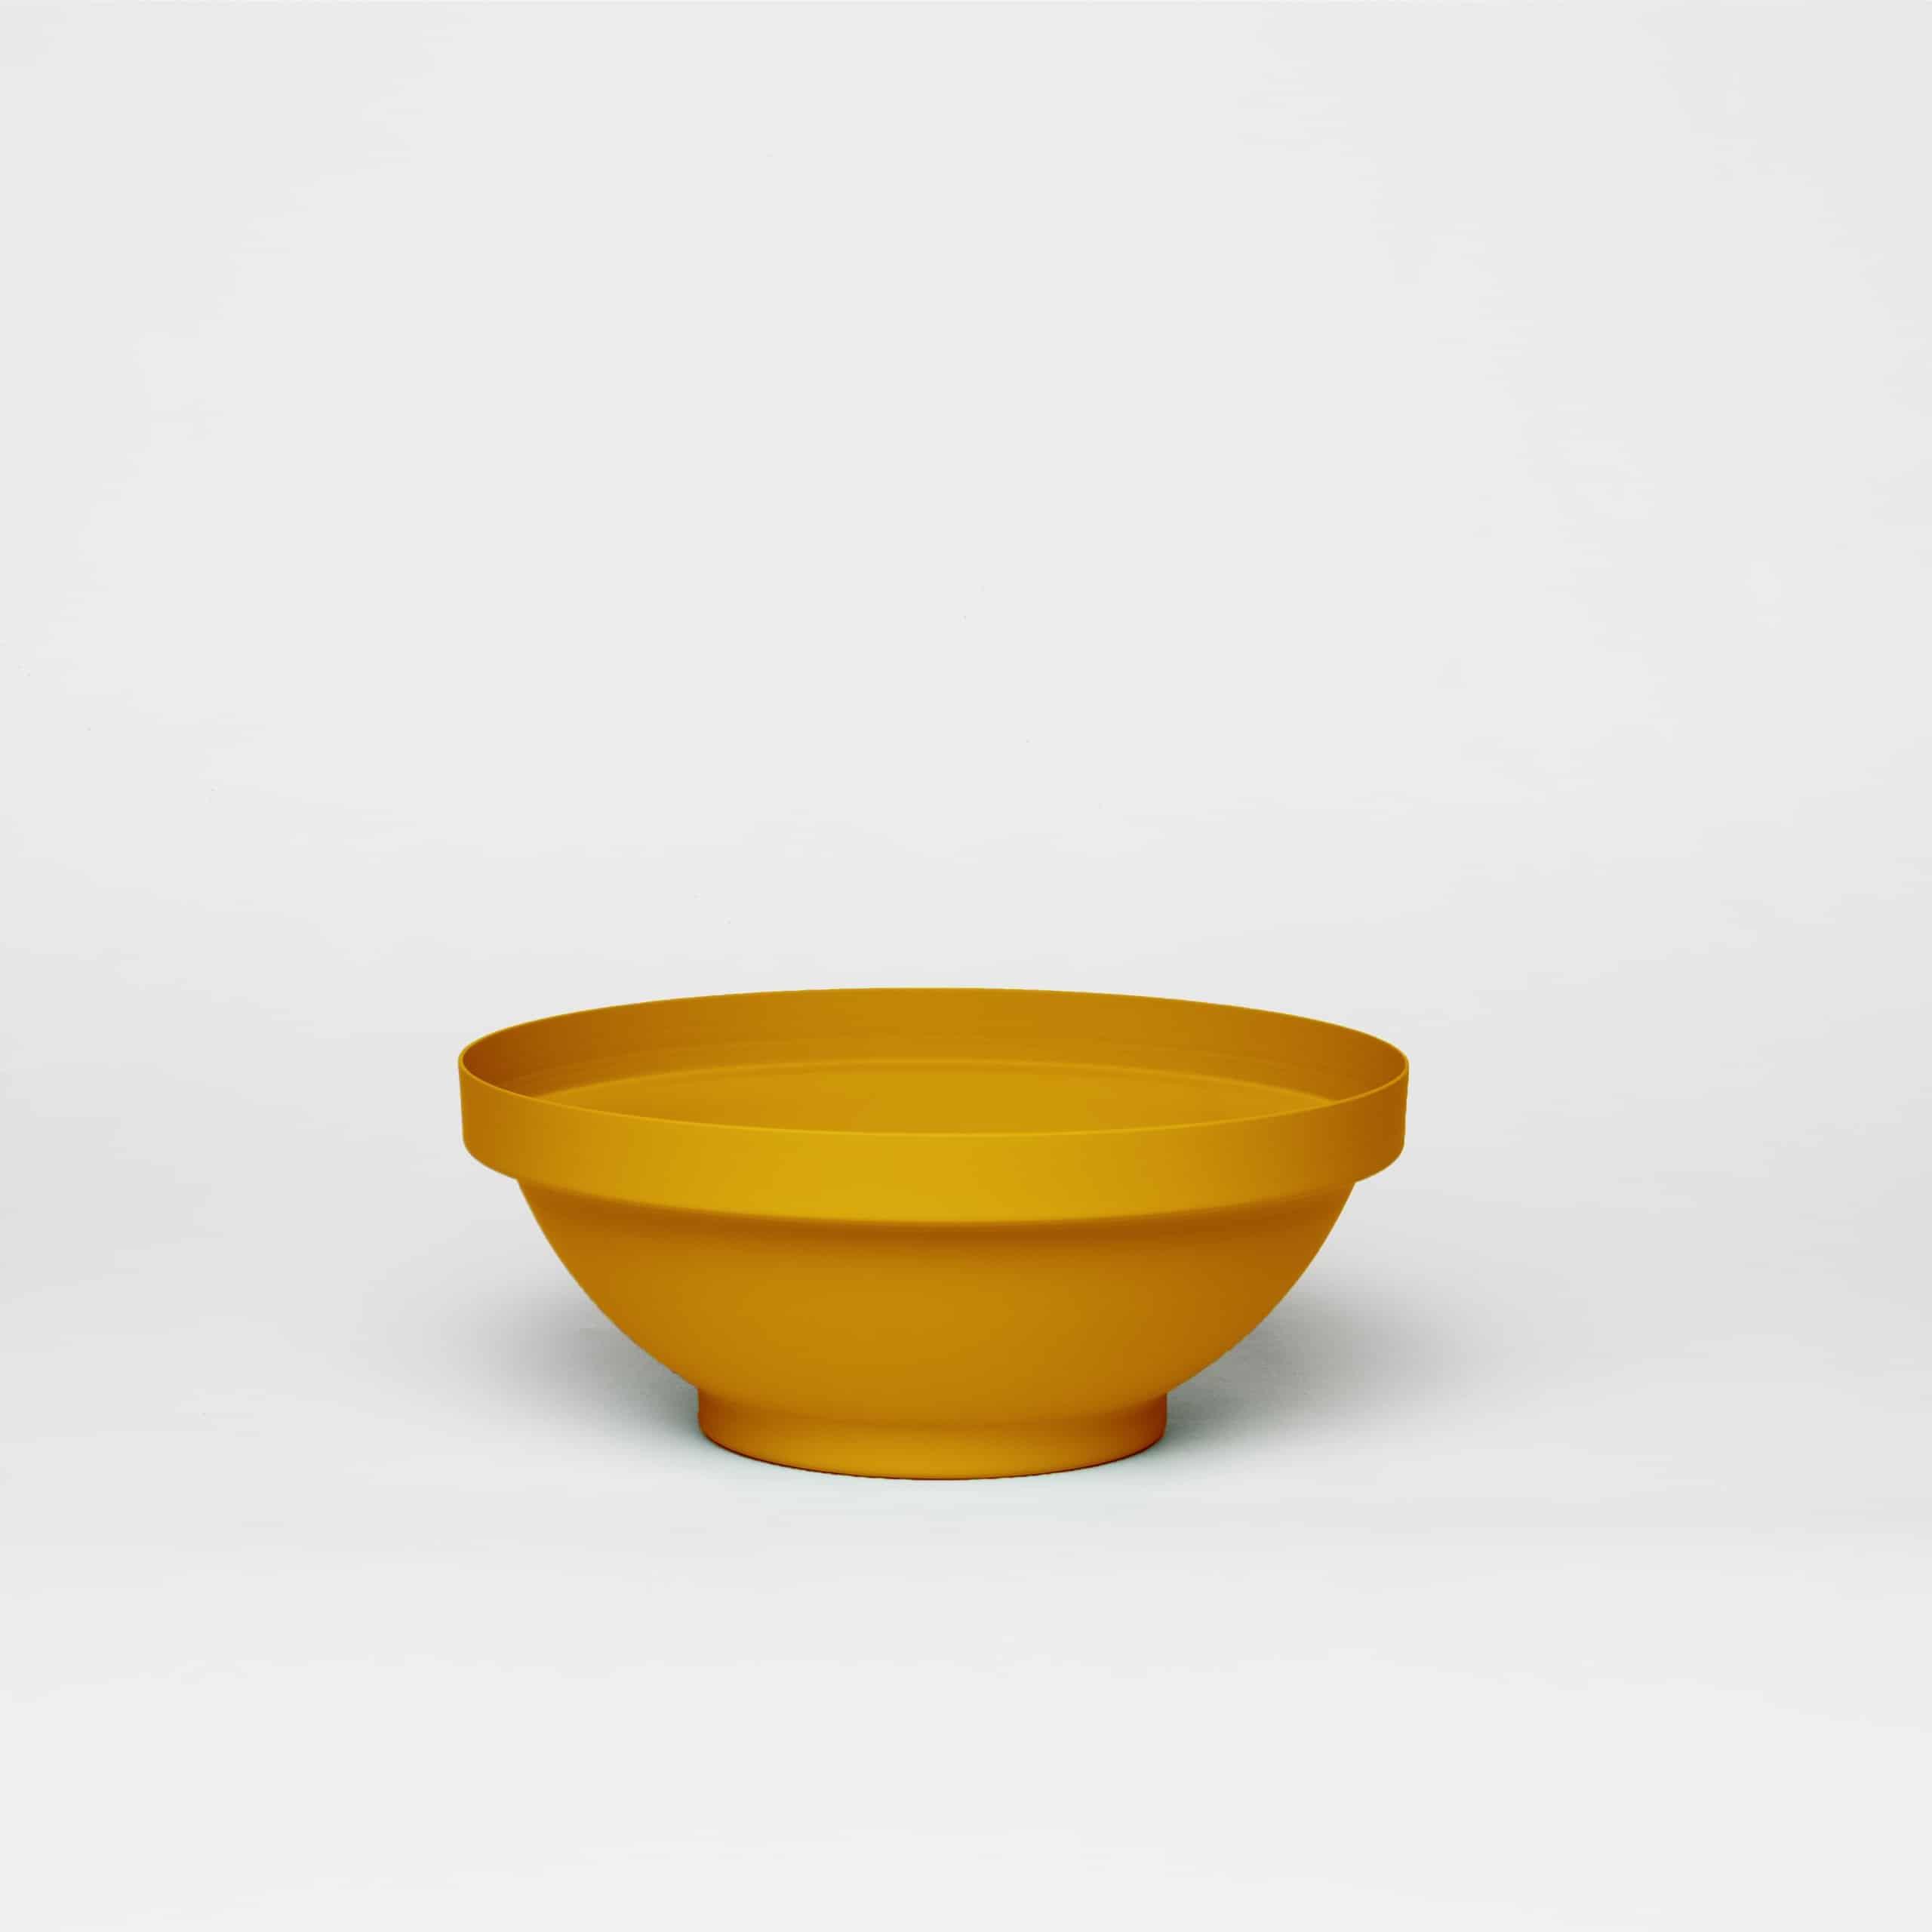 כדים כדי מתכת בצבע חרדל צהוב